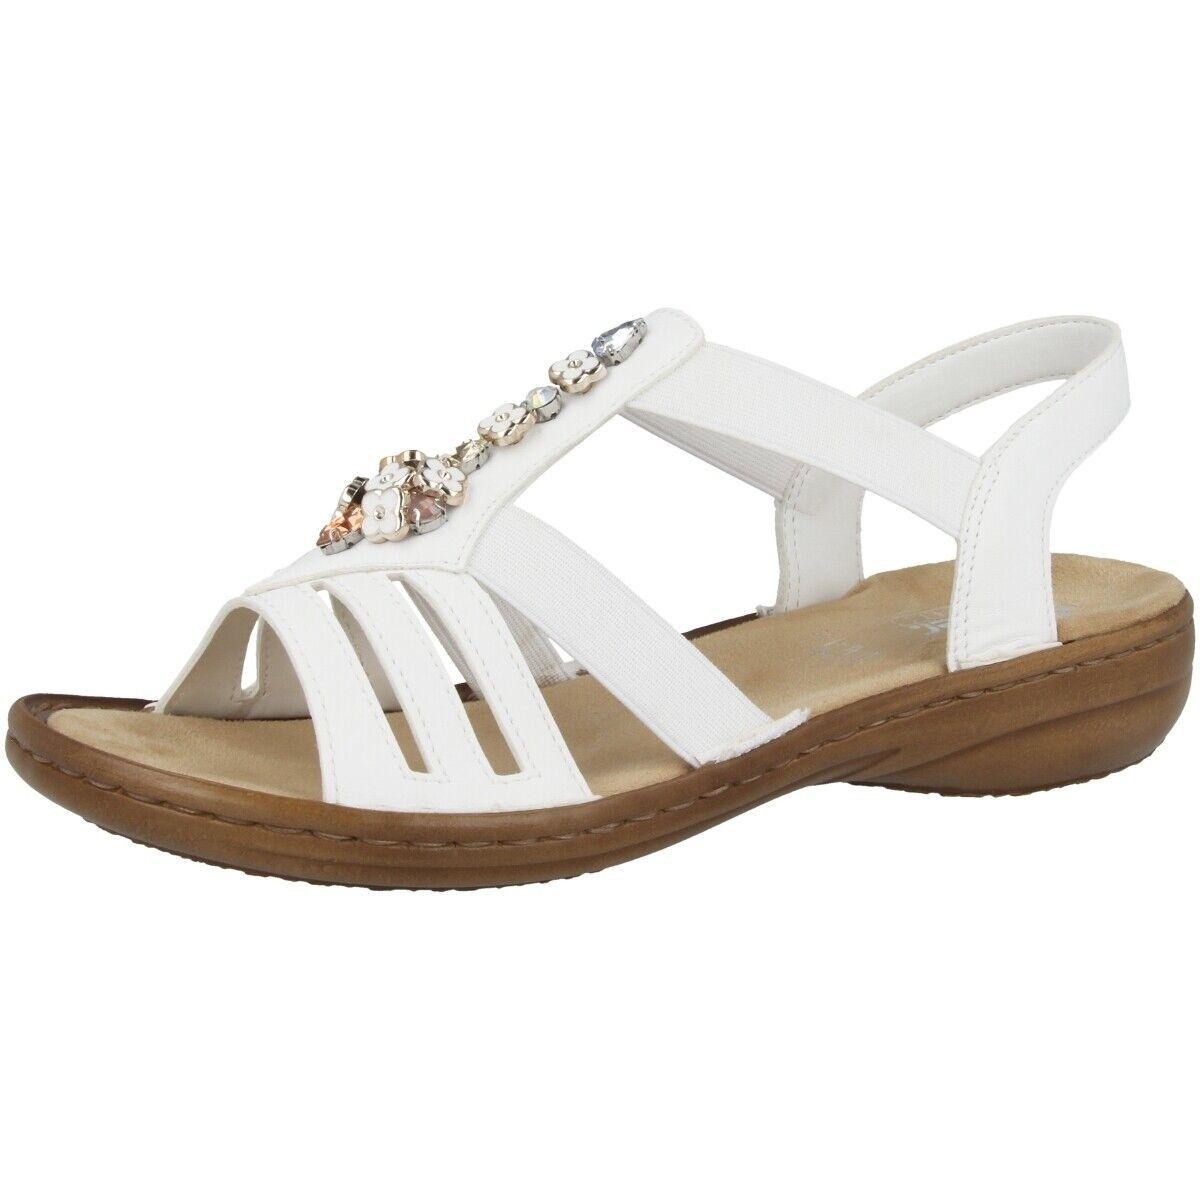 Rieker Alabama damen Schuhe Damen Antistress Sandalen Sandaletten Weiß 60855-80